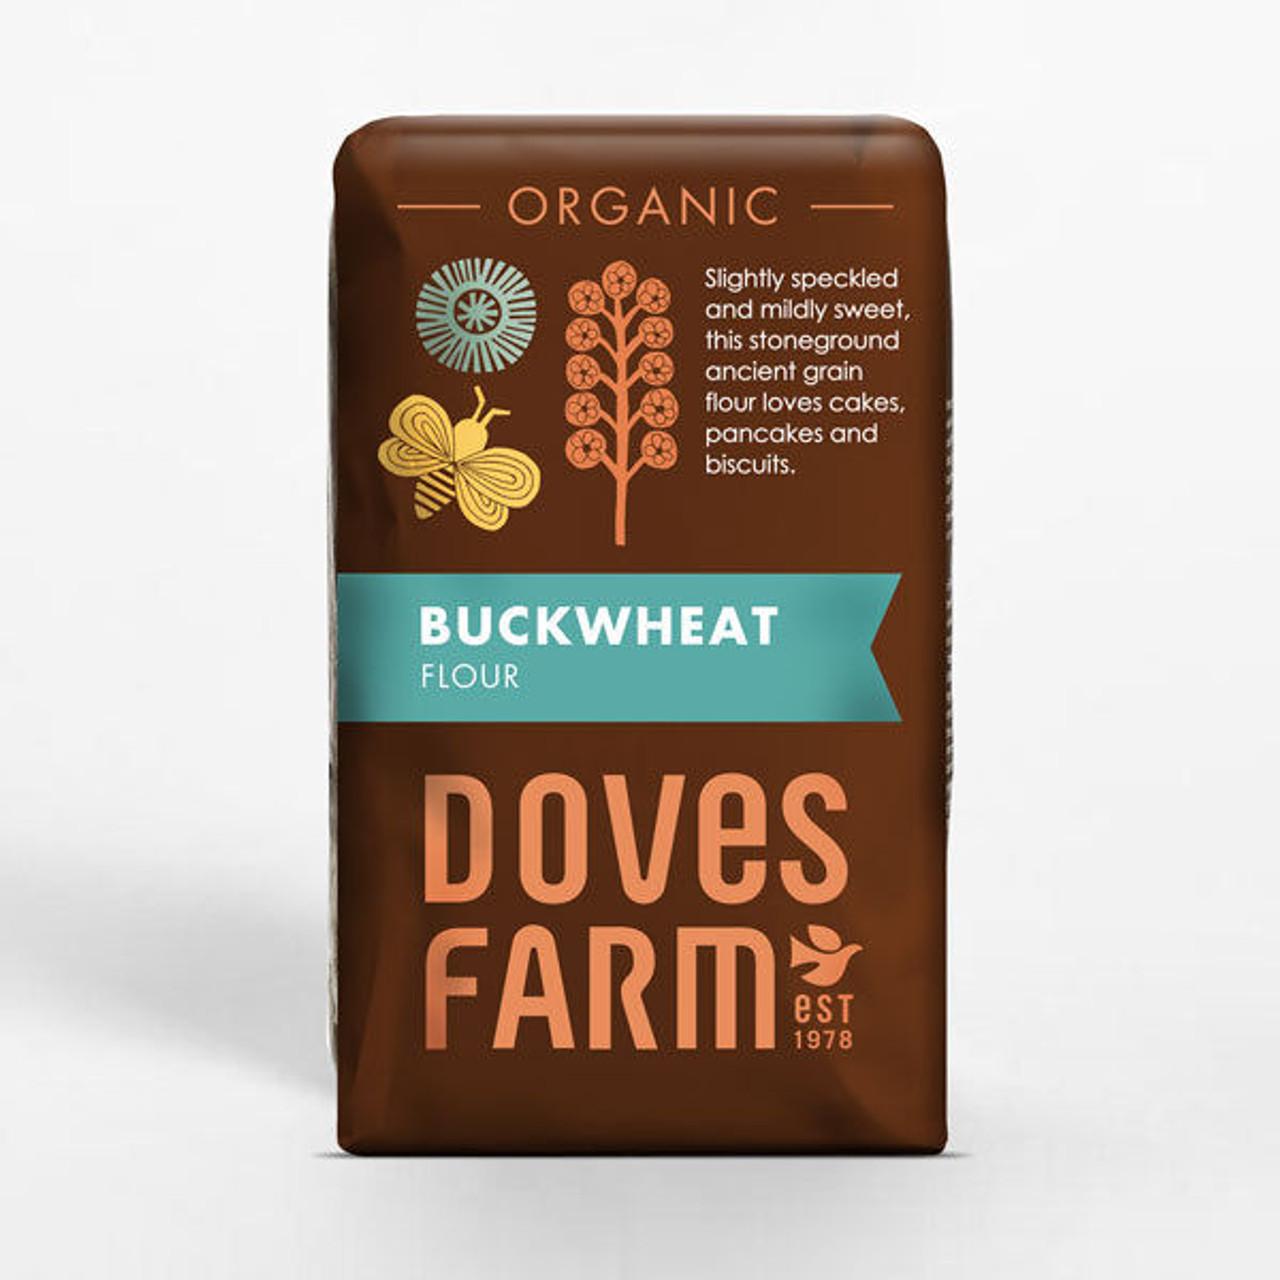 DOVES FARM - ORGANIC  WHOLEMEAL BUCKWHEAT FLOUR 1kg